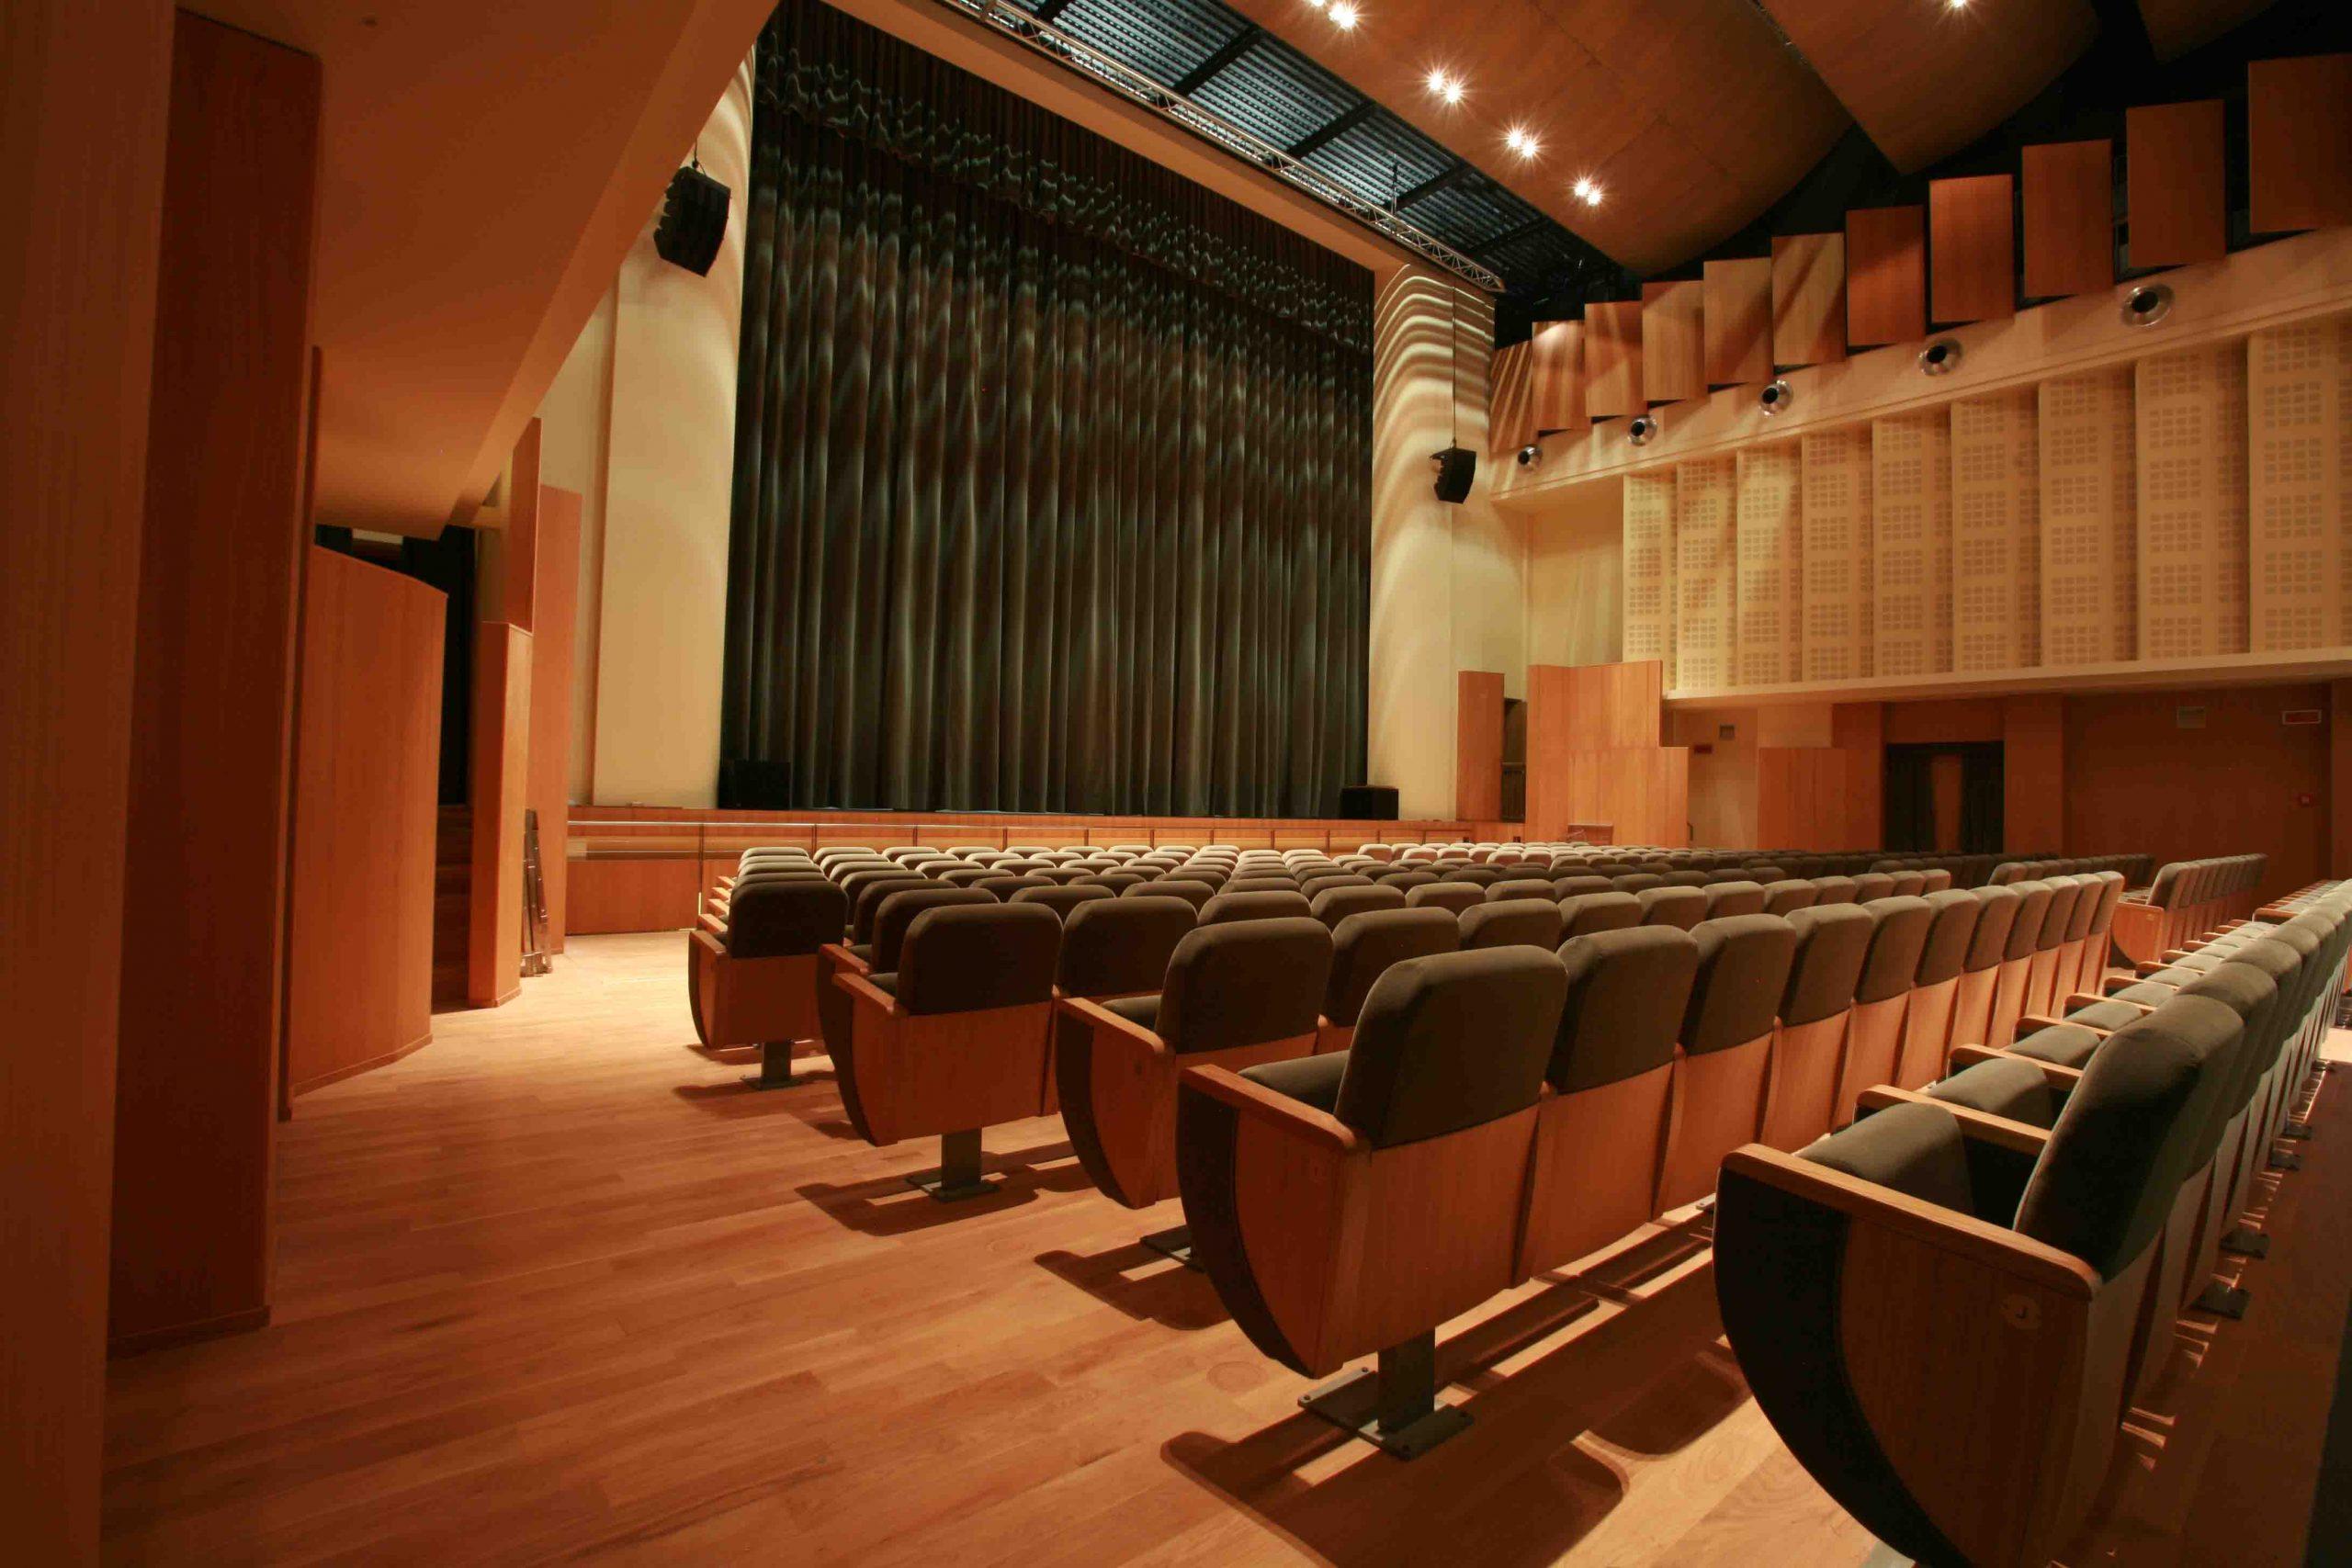 Tiyatro Salonu Akustik Ses Yalıtım Malzeme Fiyatları